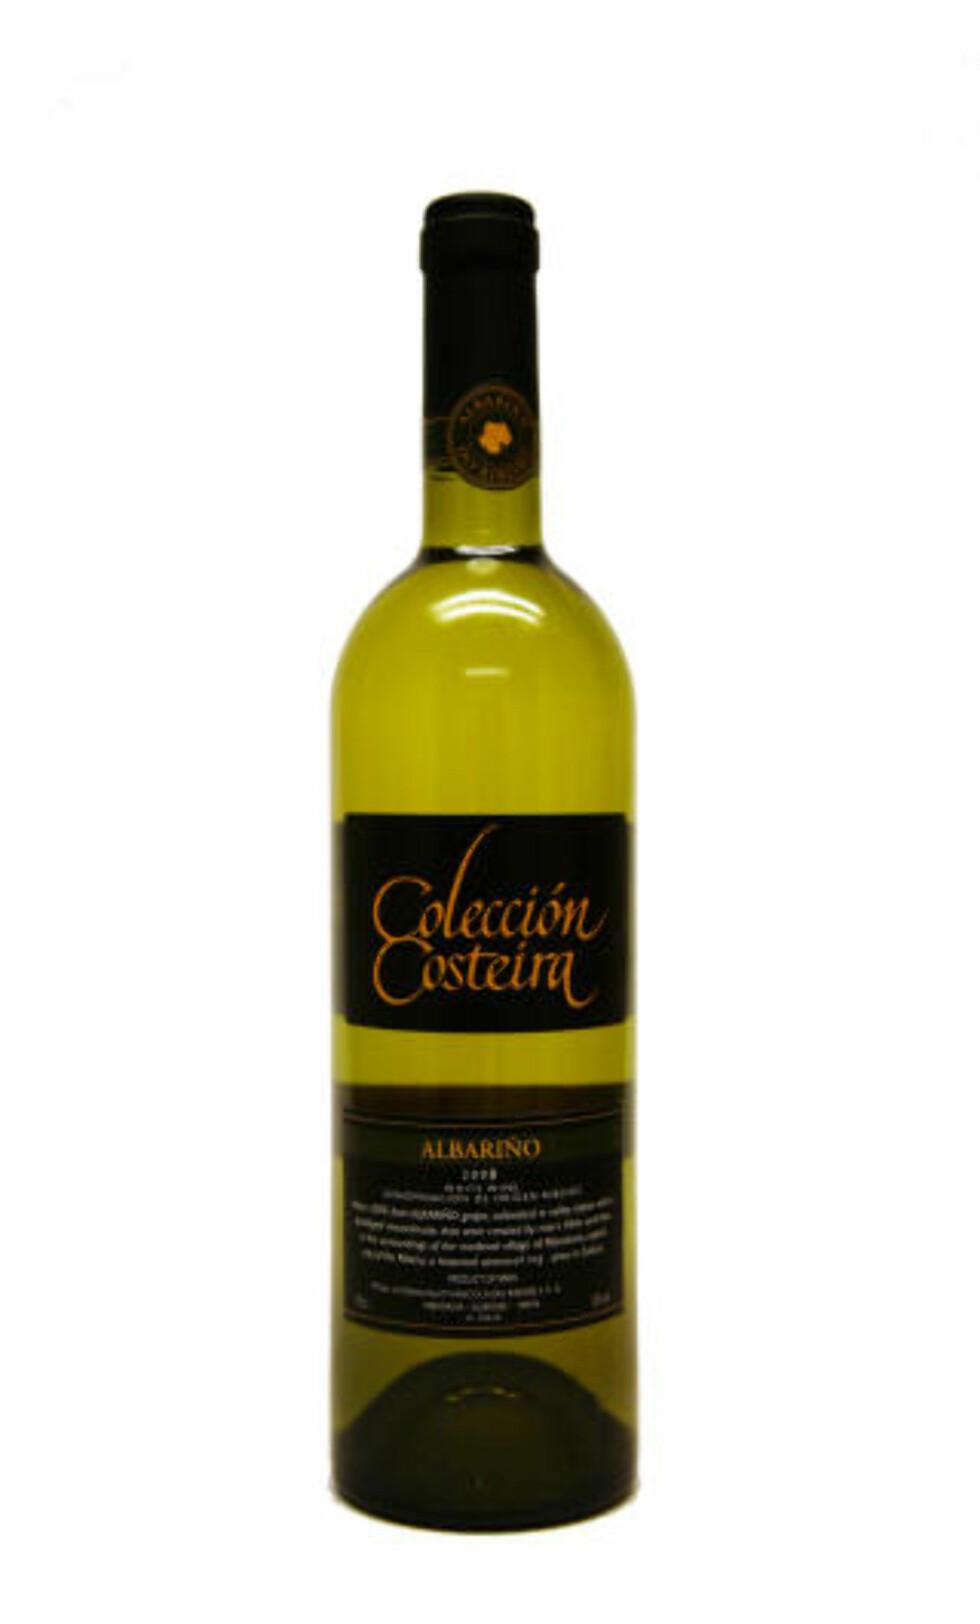 SEKSER: Coleccion Costeira Albarino 2008.